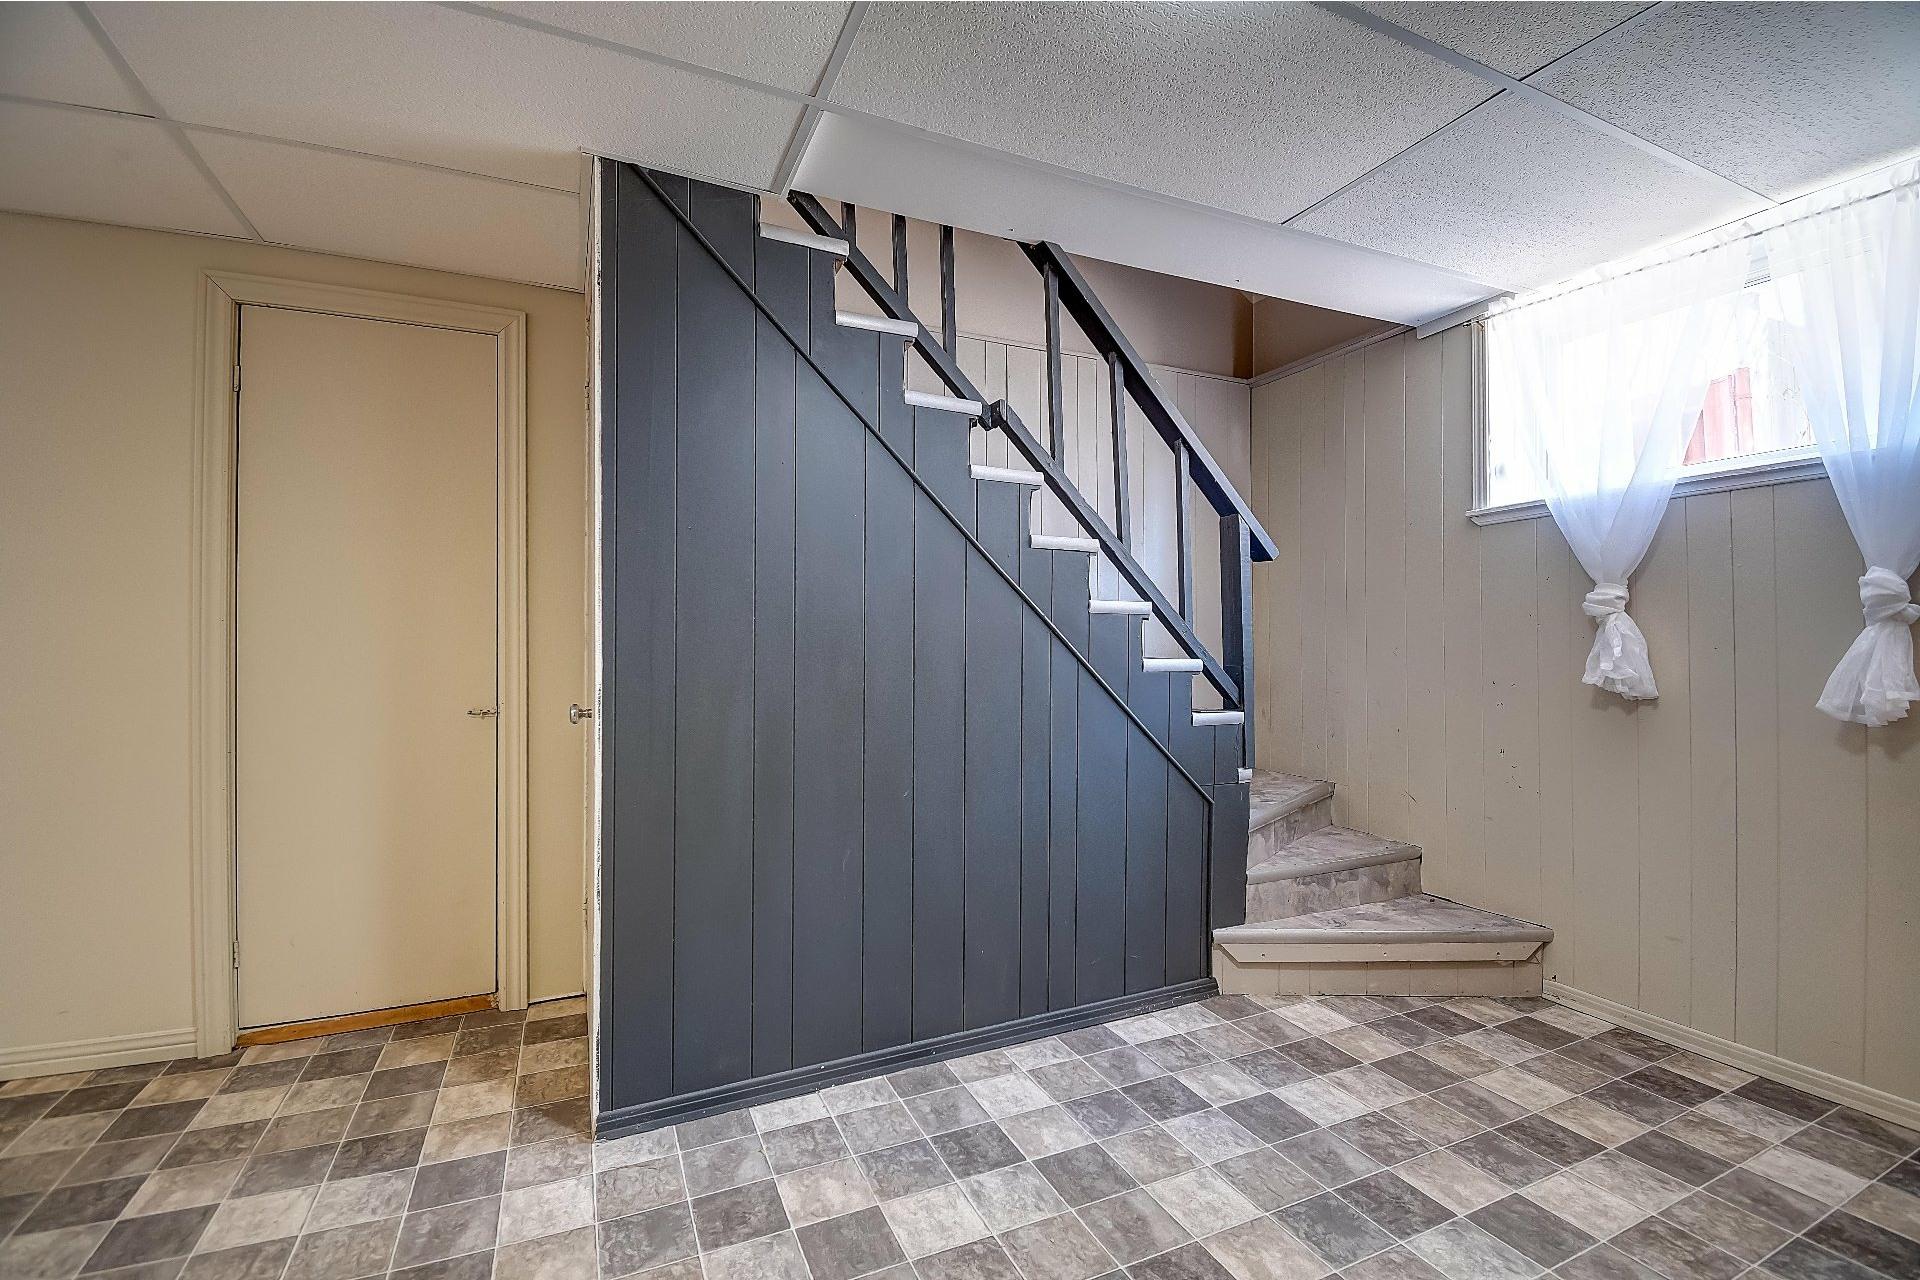 image 20 - Maison À vendre Trois-Rivières - 15 pièces